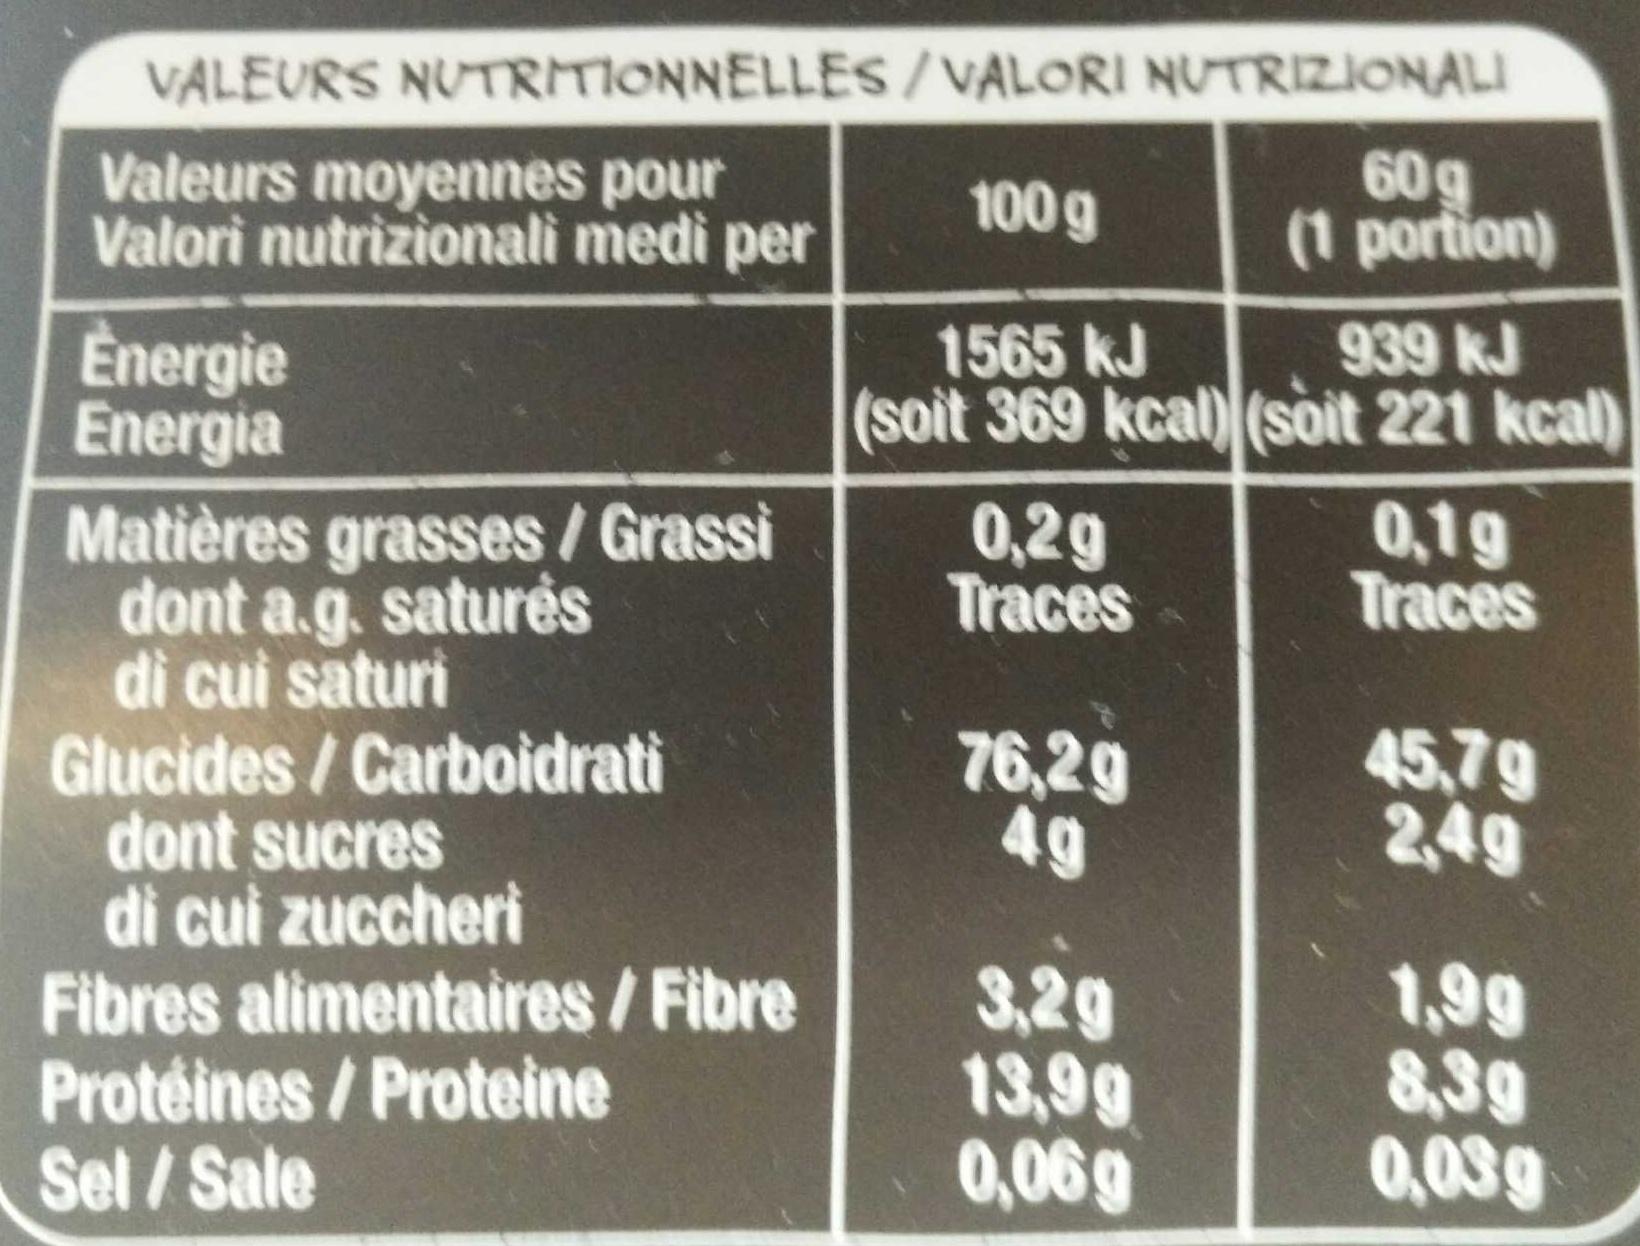 Conchiglie 5 couleurs - Informations nutritionnelles - fr